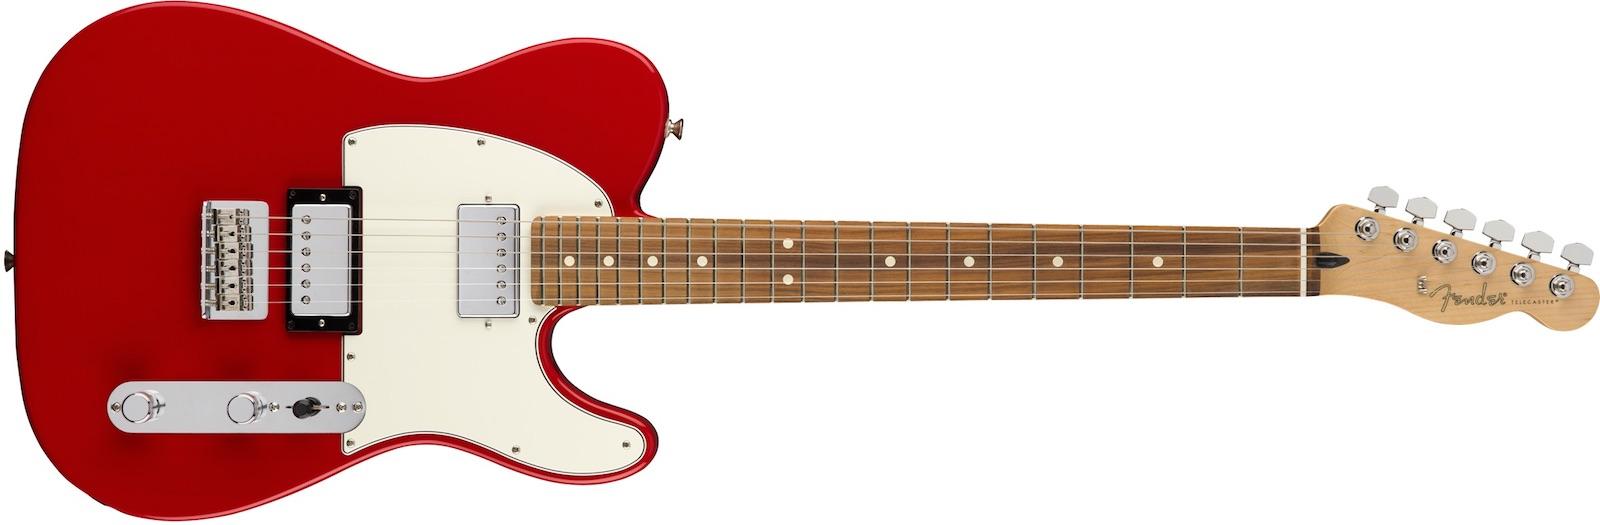 【新品】Fender Player Telecaster HH Pau Ferro Fingerboard ~Sonic Red~ 【お取り寄せ】【送料無料】【池袋店】